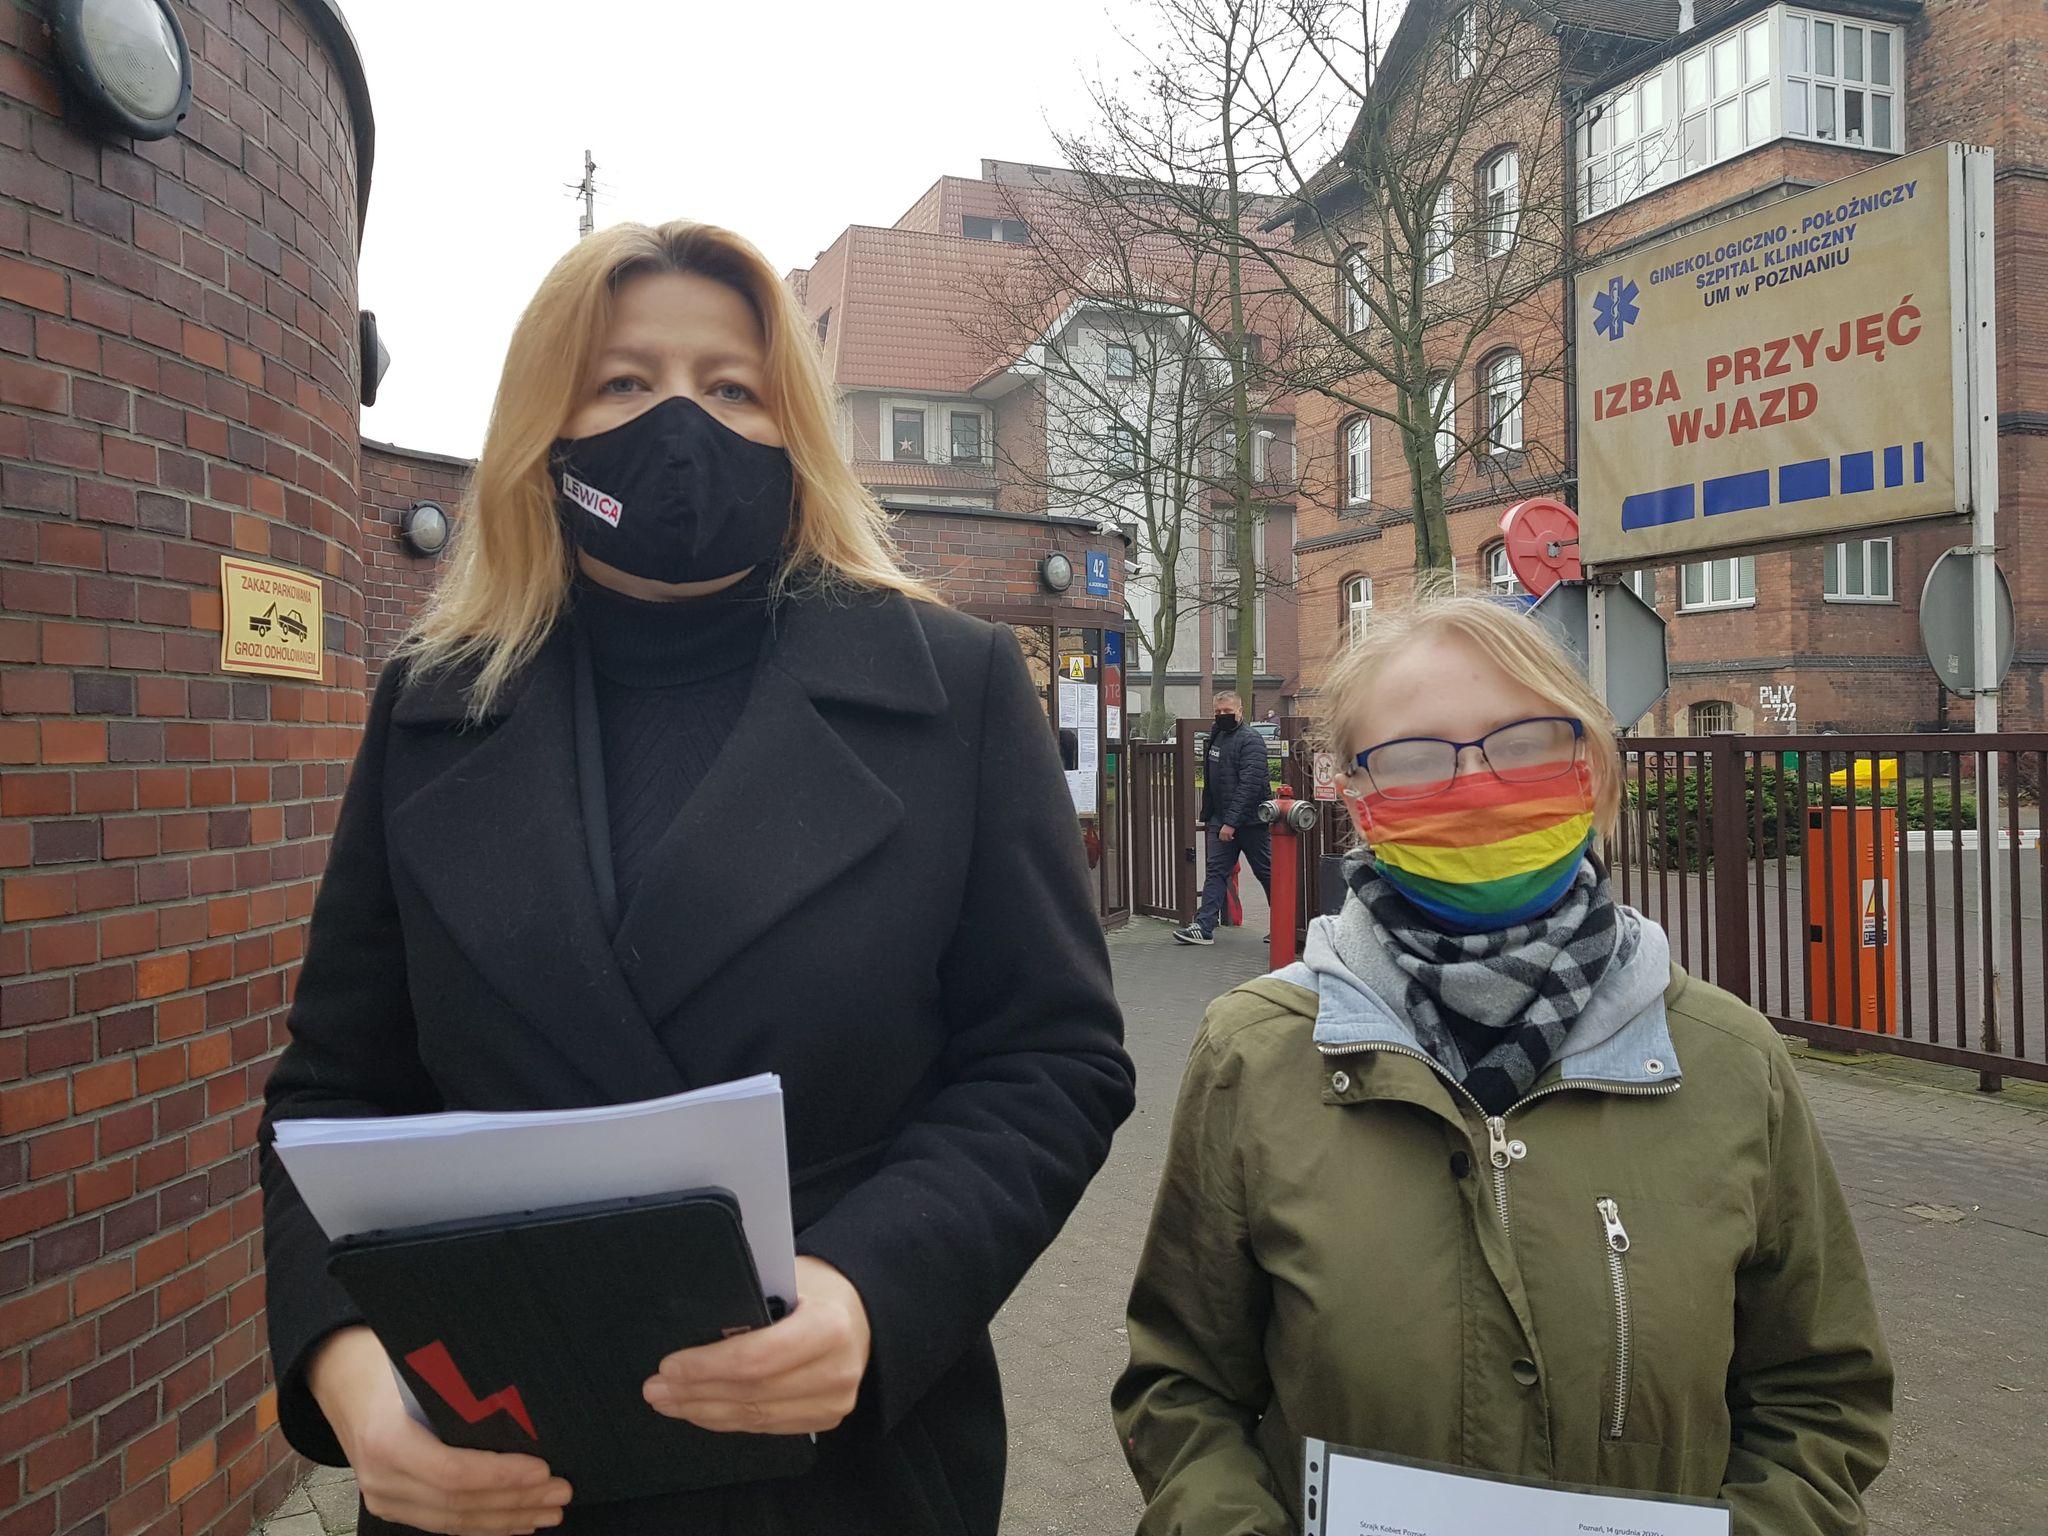 Posłanka Lewicy skarży się na szpital za brak aborcji katarzyna ueberhan - Hubert Jach